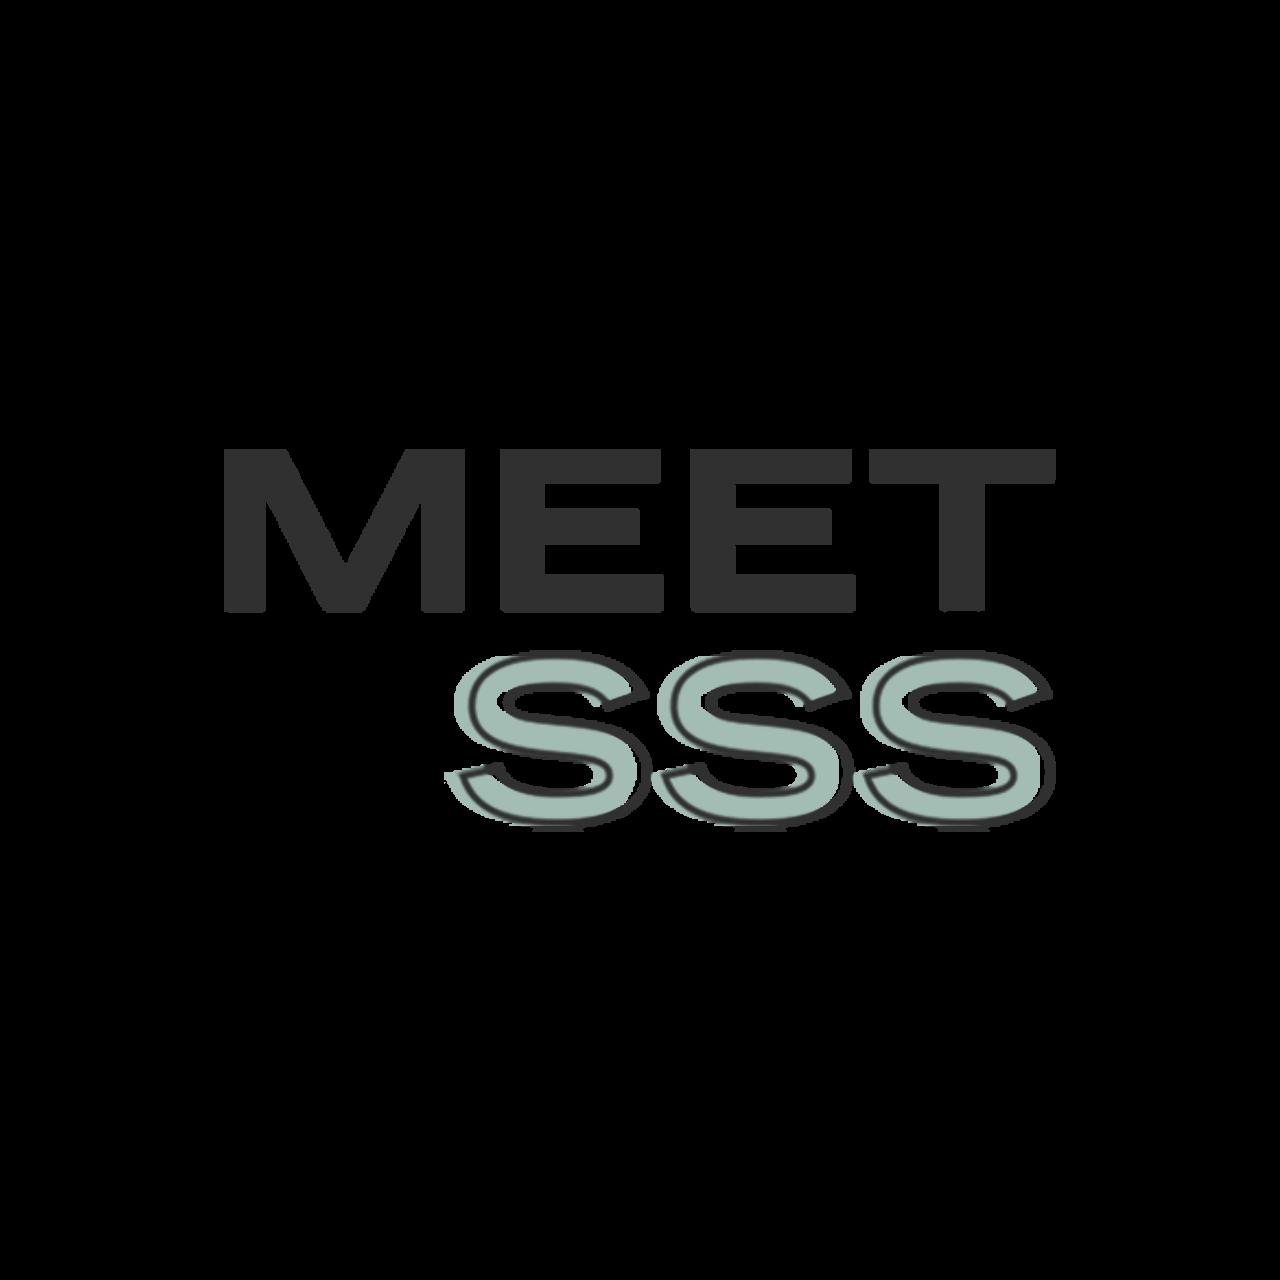 MEETSSS logo.png